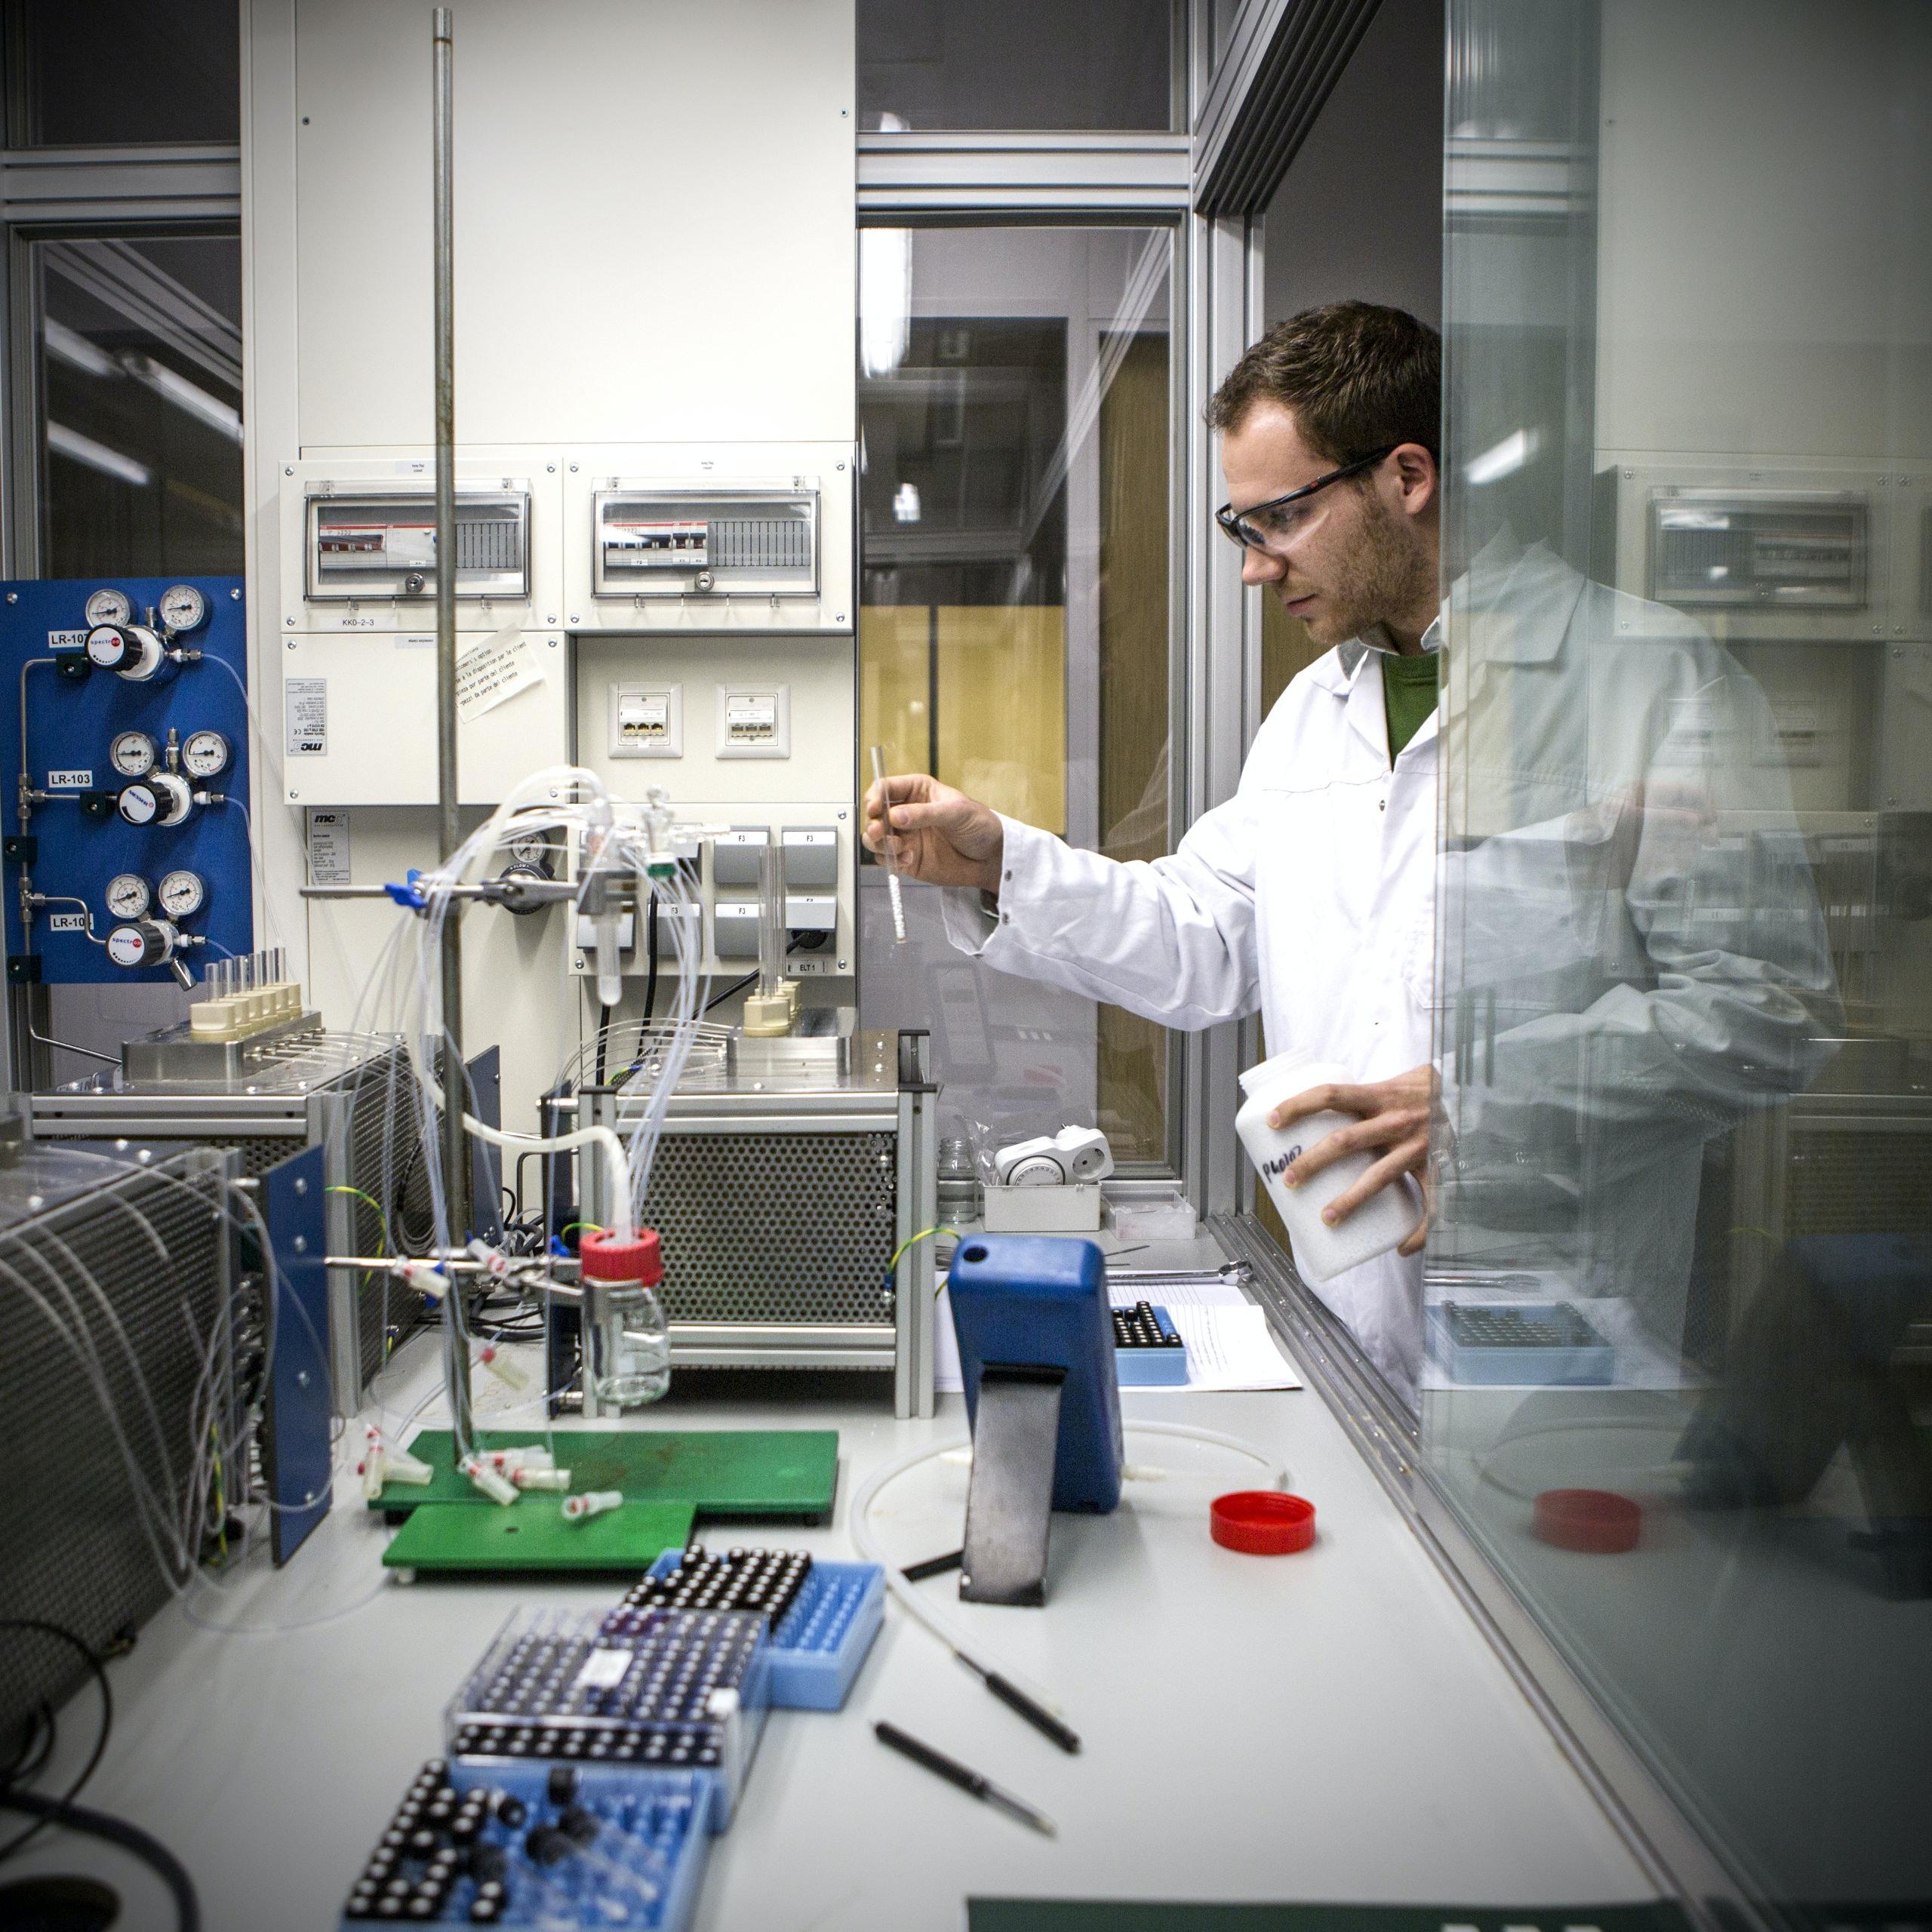 Amsterdam / Nederland / Een wetenschapper in het lab van het bedrijf Avantium. Avantium is een toonaangevend technologie-bedrijf in de chemische en farmaceutische industrie. Zij ontwikkelen plastic (voor PET plastic flessen), uit duurzame plantenmaterialen. 03.01.2014 © Julius Schrank / Kollektiv25